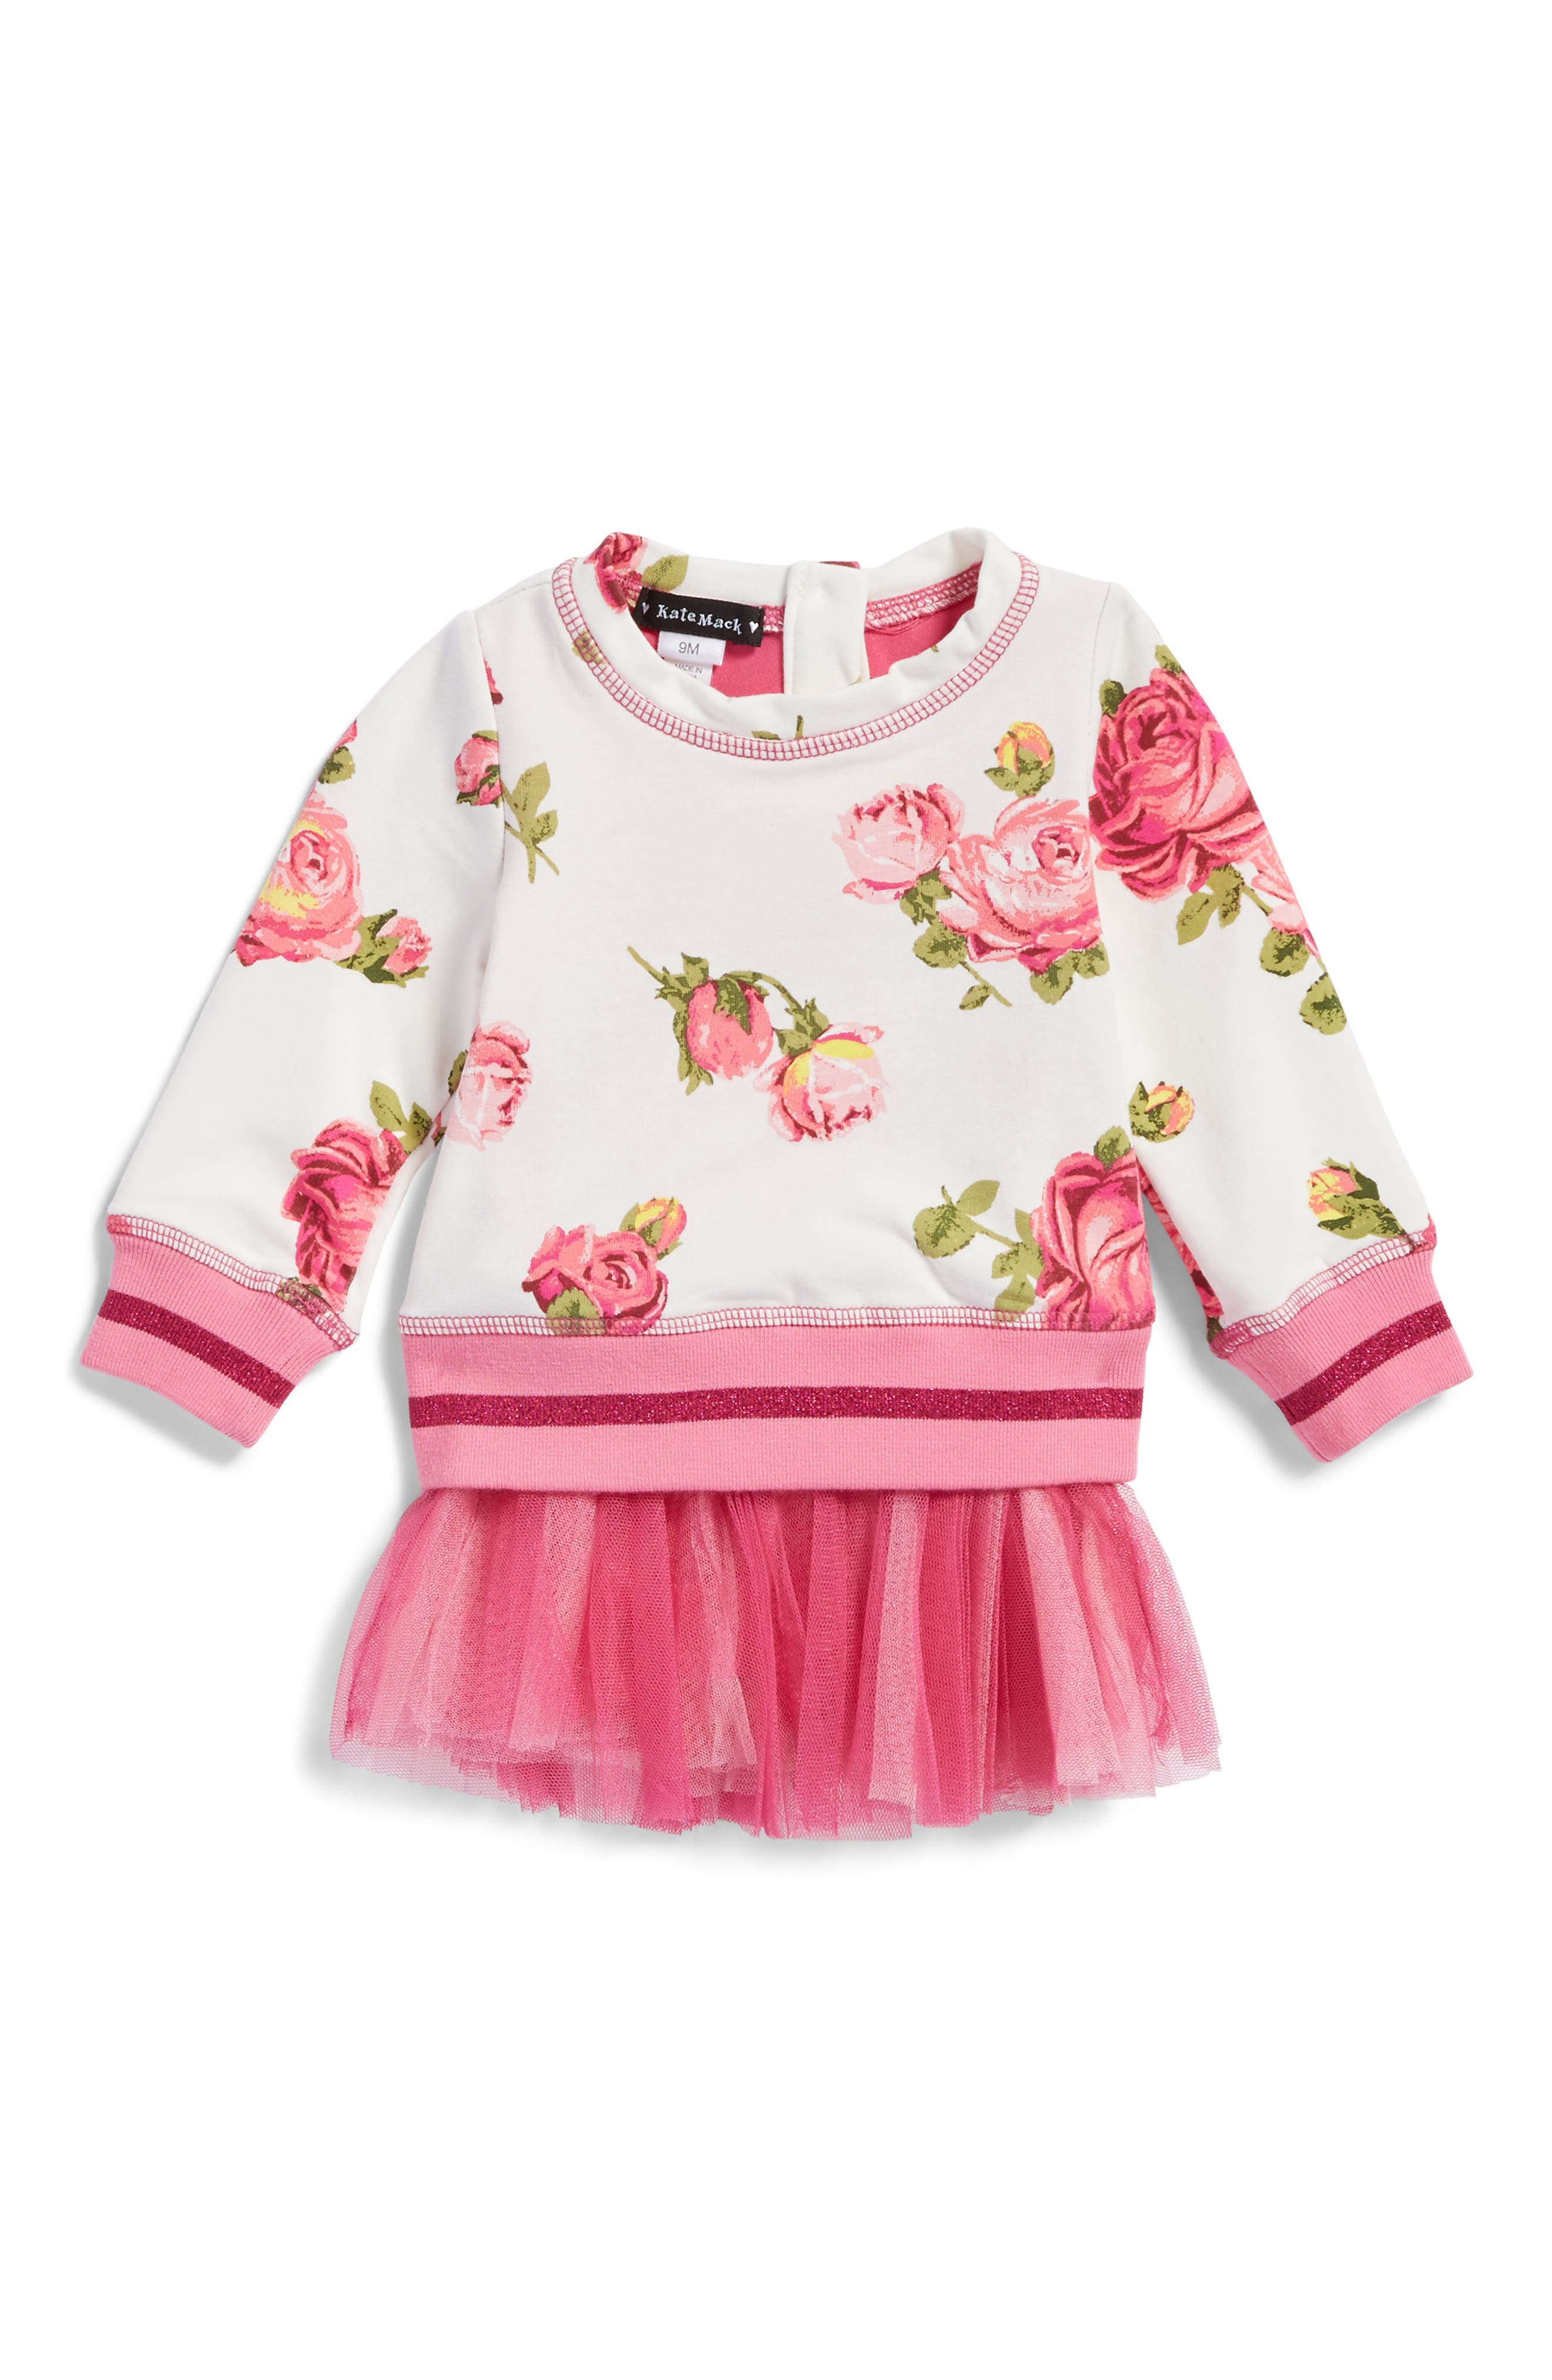 Main Image - Kate Mack Floral Print Sweatshirt Tutu Dress (Baby Girls)